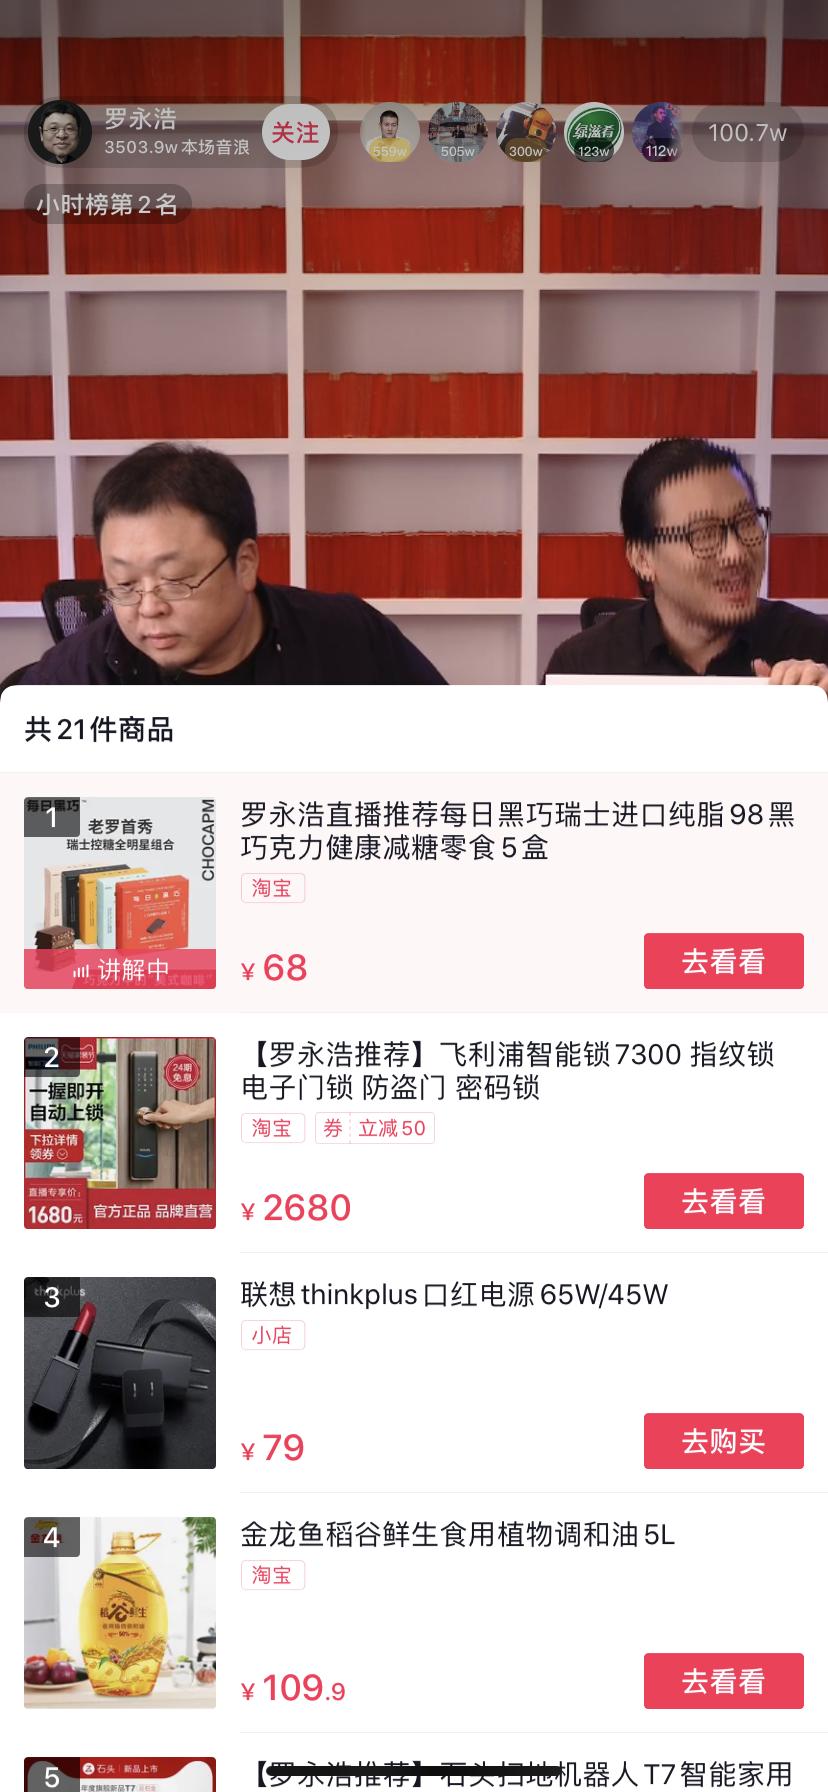 @细数抖音电商的7宗罪:但感谢罗老师让一个电商从业者第一次认真看完直播电商